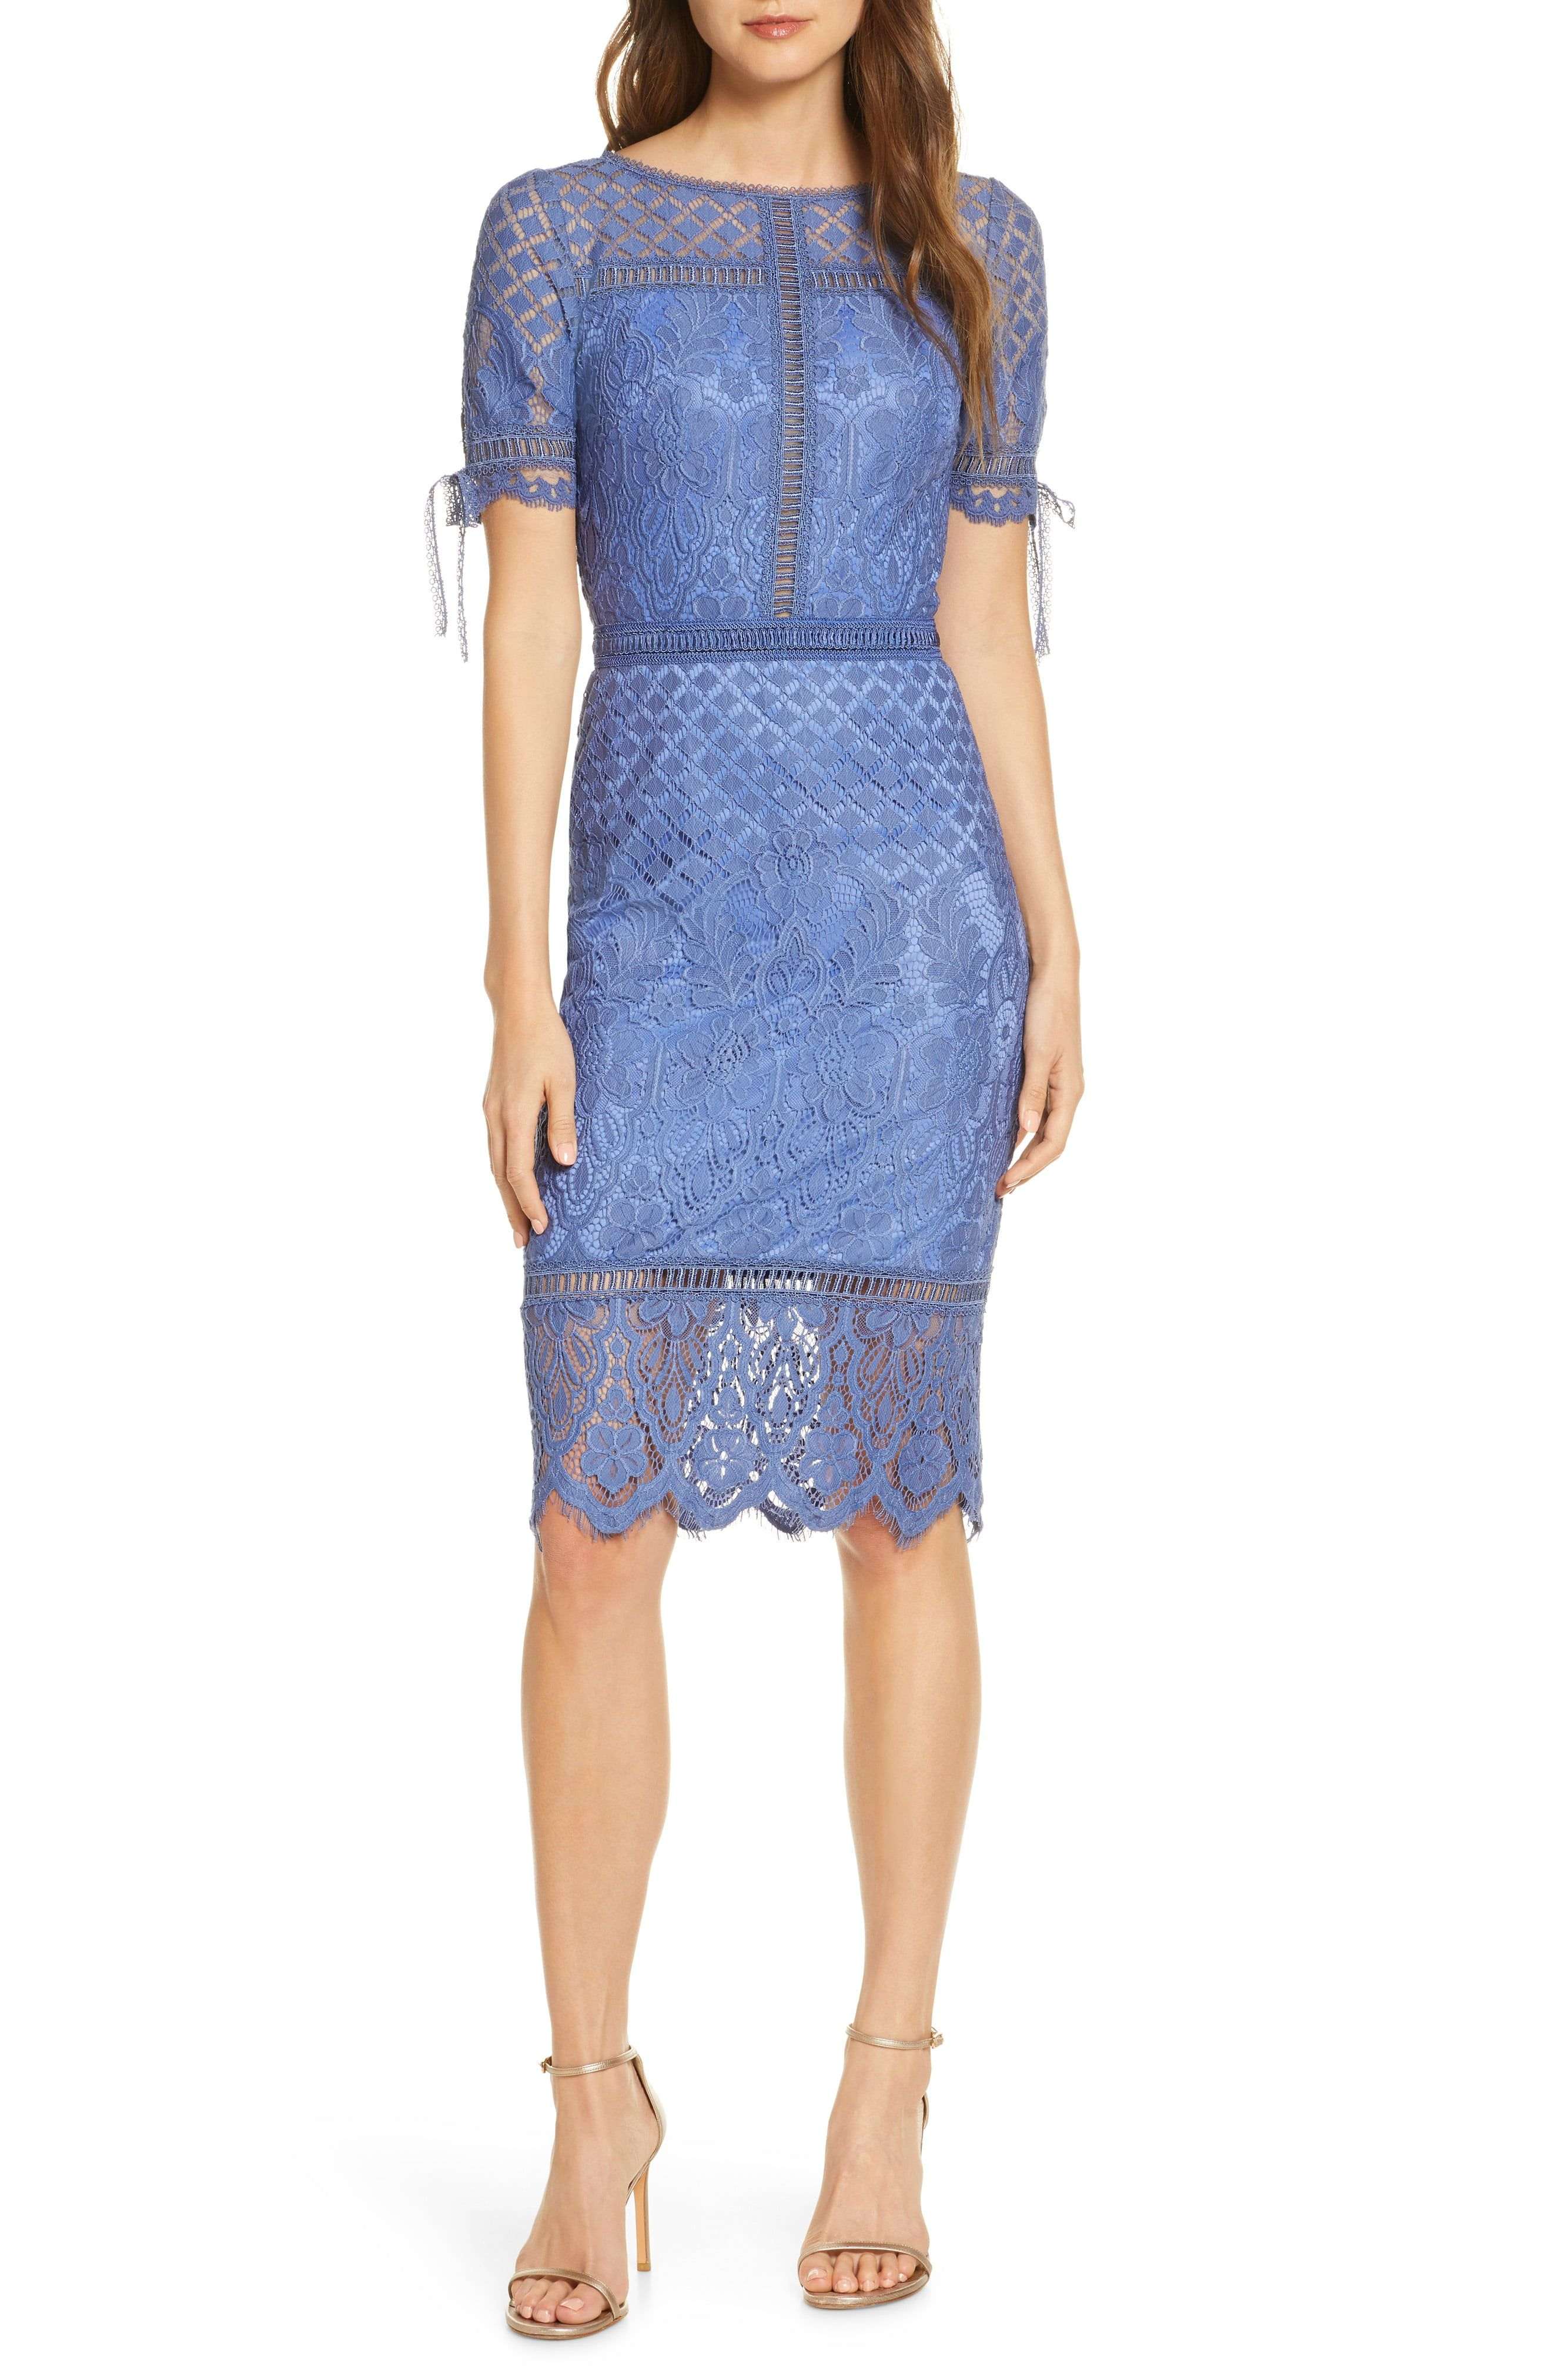 Tadashi Shoji Tie Sleeve Lace Cocktail Dress Nordstrom Cocktail Dress Lace Lace Blue Dress Cocktail Dress [ 4048 x 2640 Pixel ]